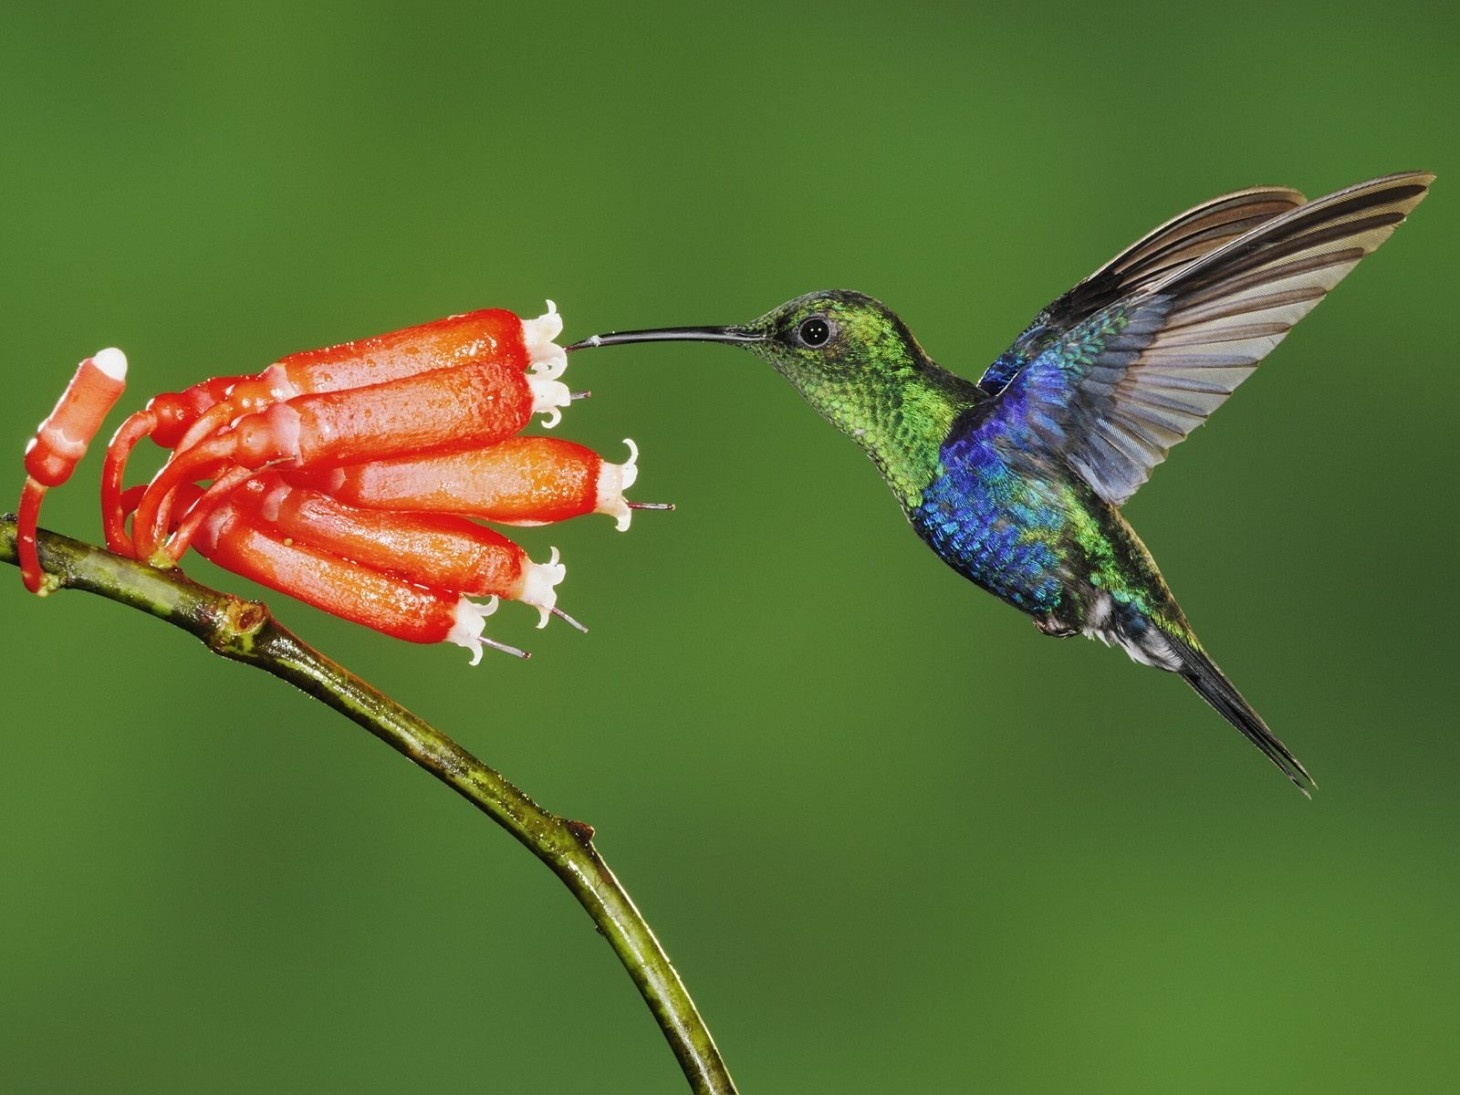 680+ Gambar Hewan Berikut Termasuk Kelompok Insektivora Karena Pemakan Gratis Terbaru